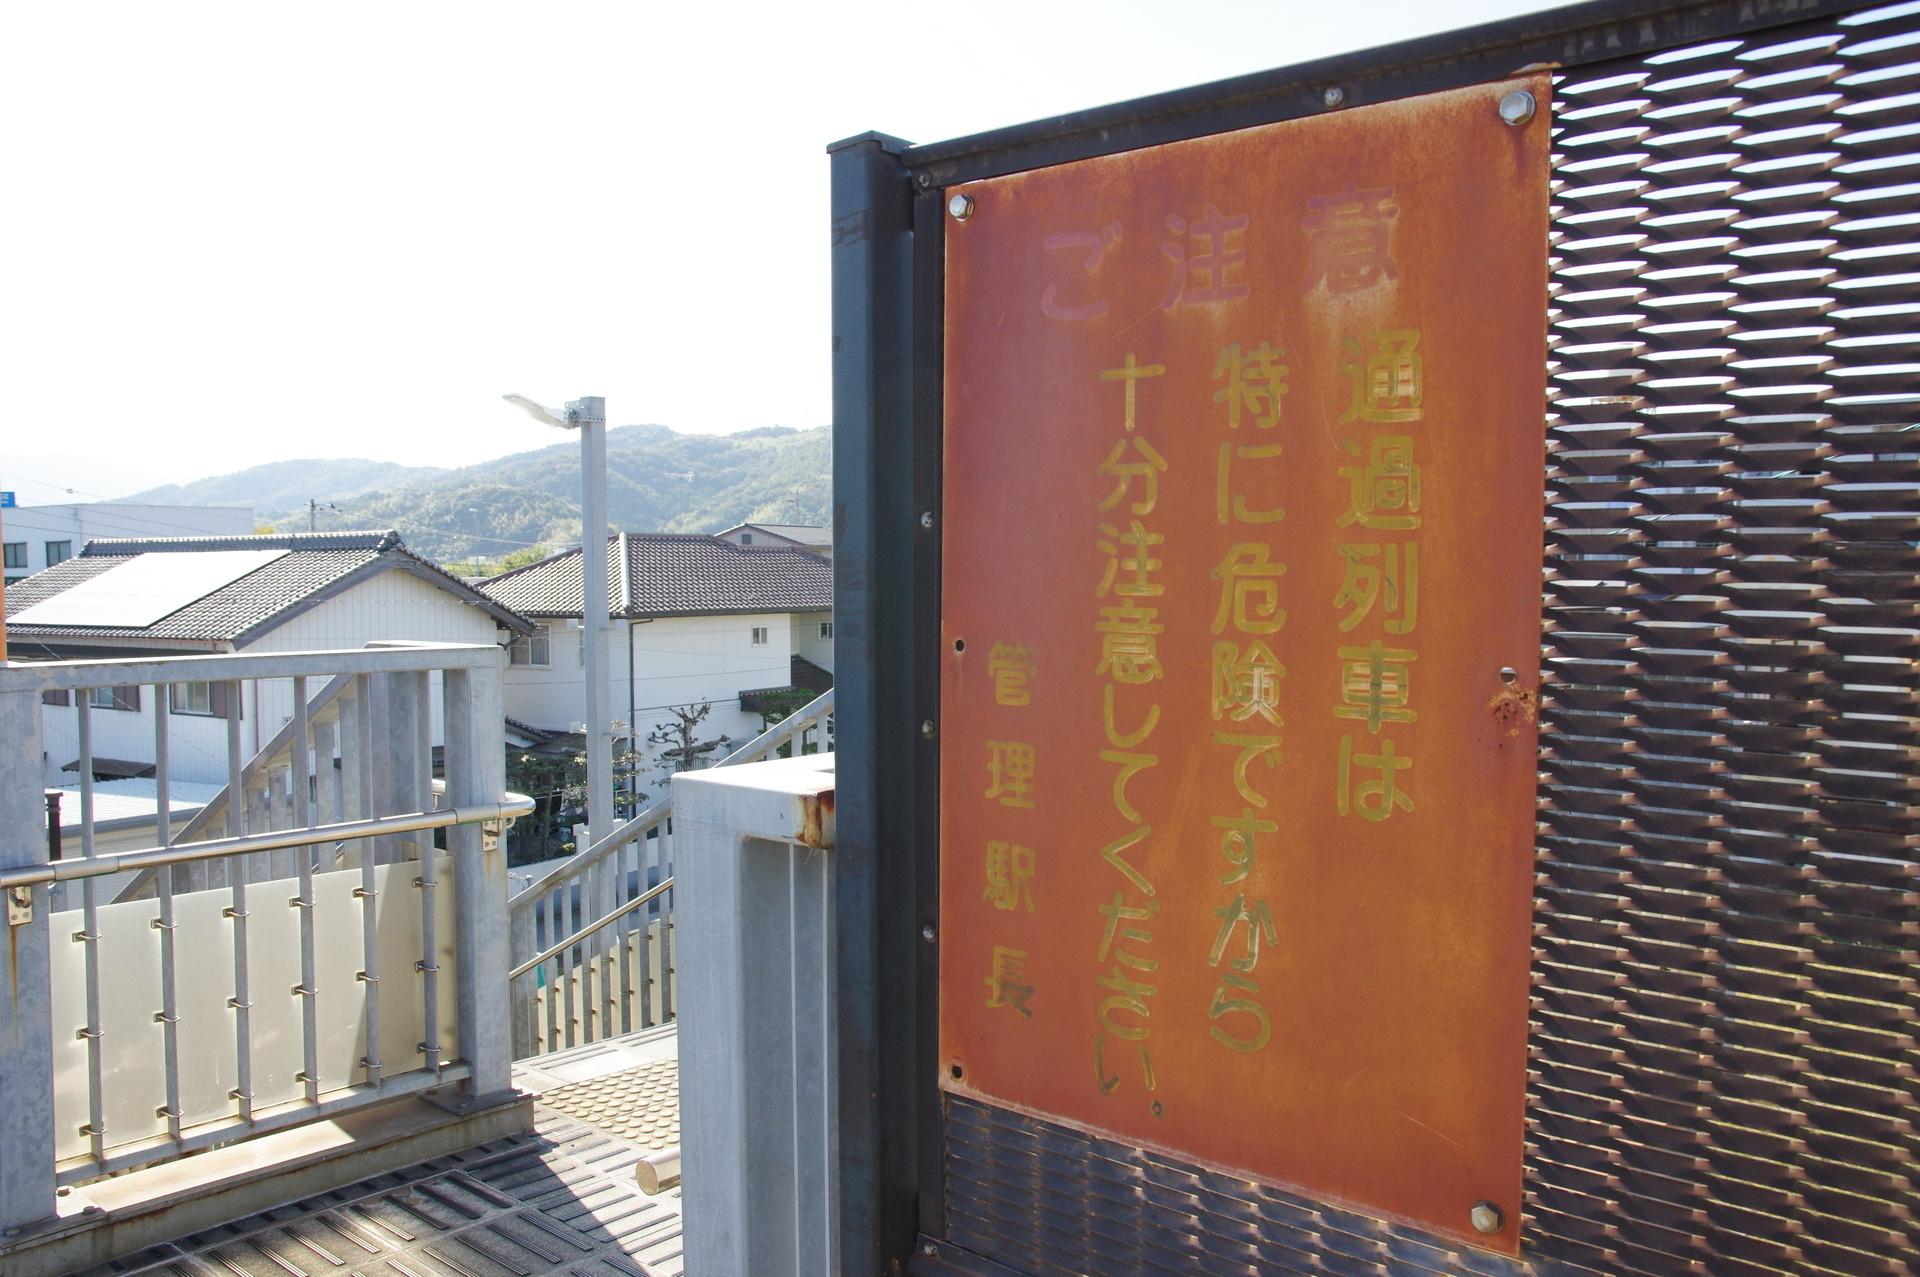 「通過列車は特に危険ですから十分注意してください」の看板